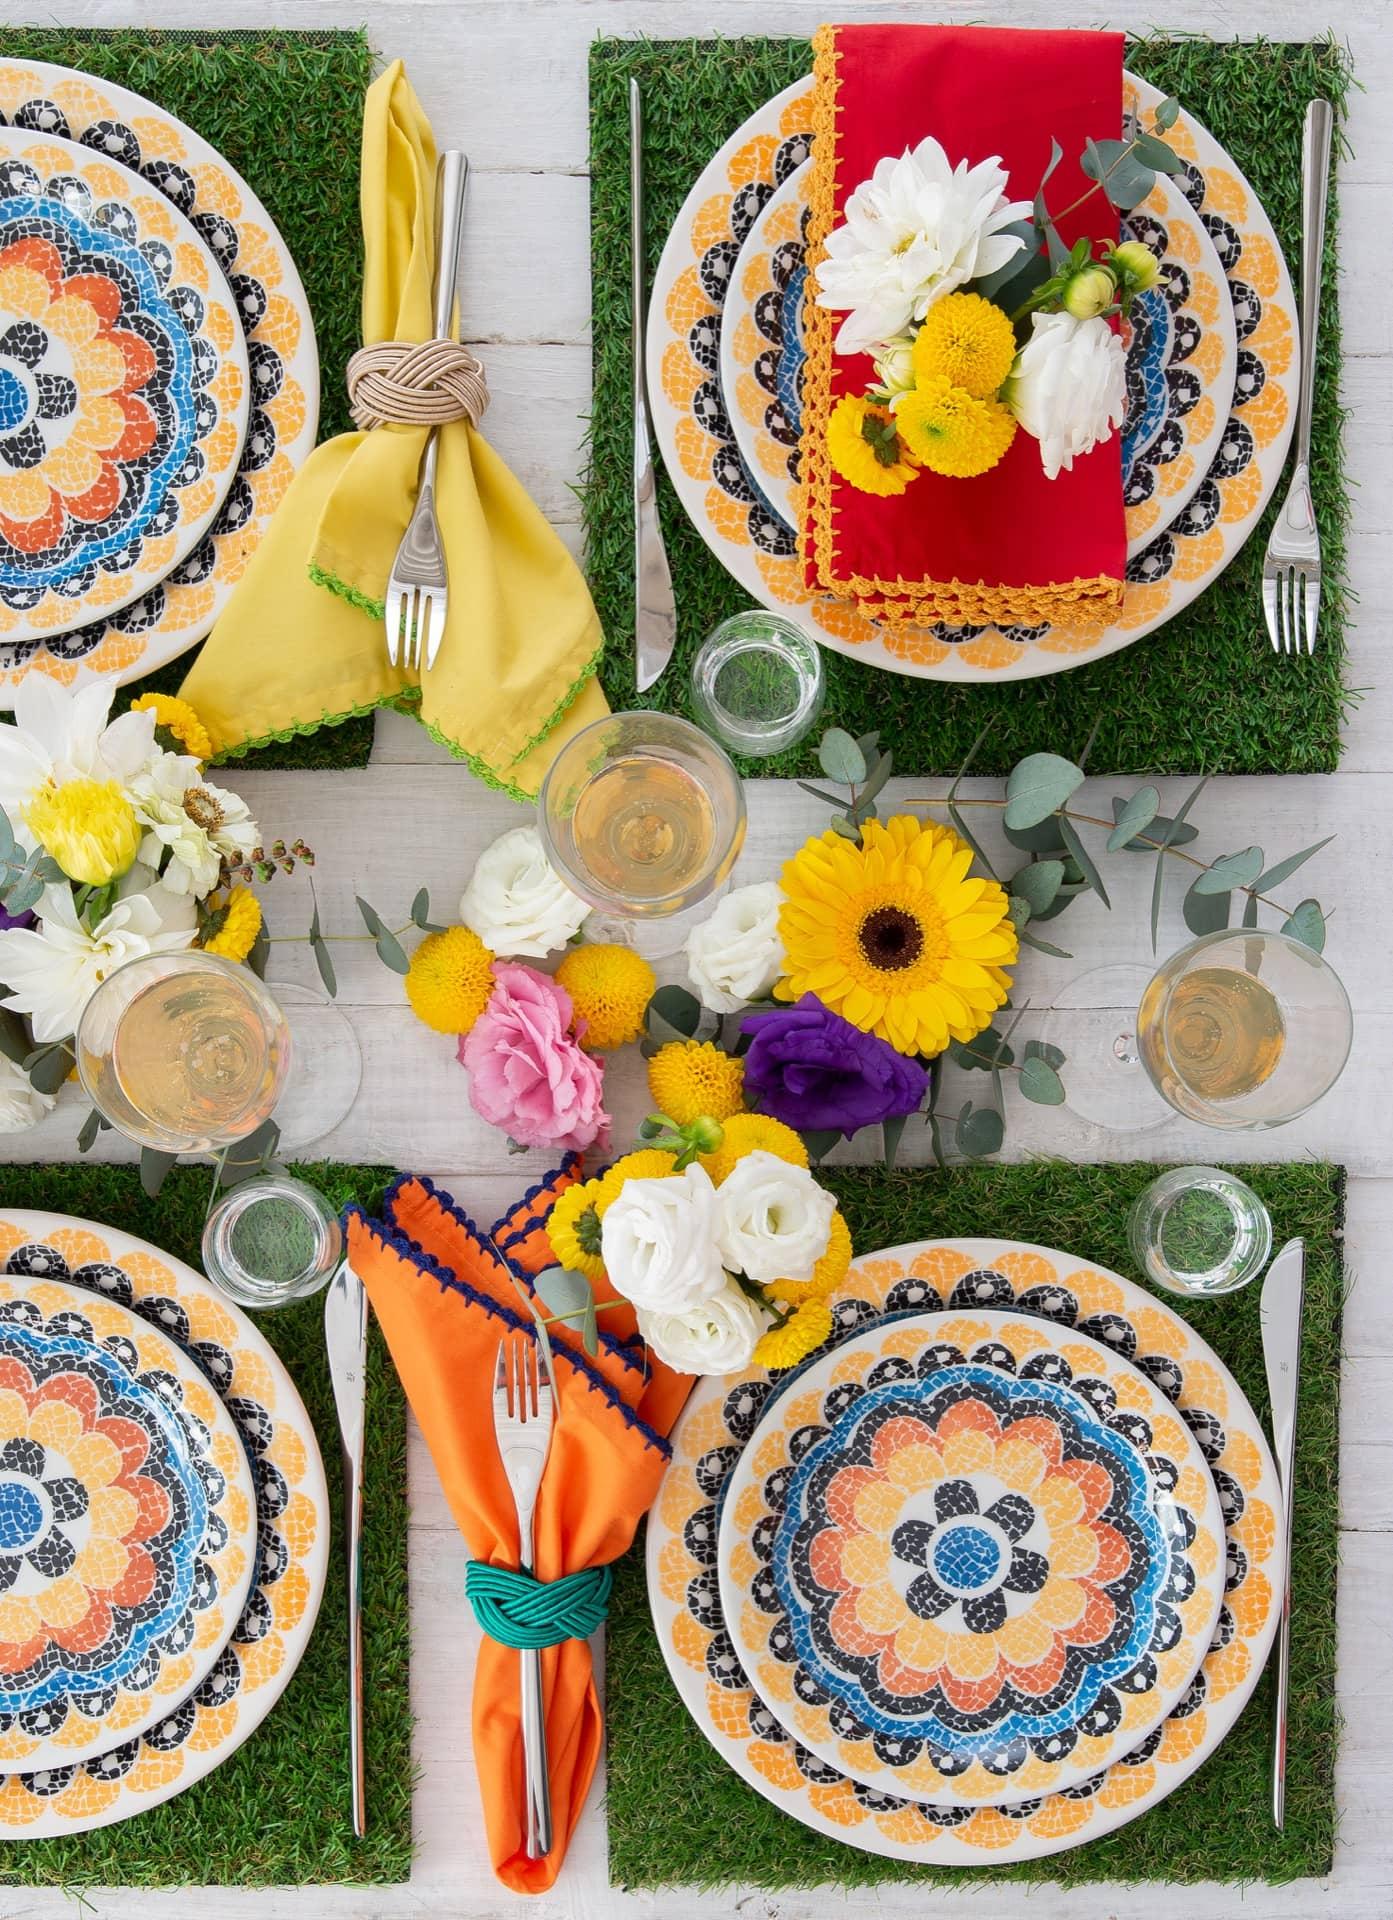 """Nessa mesa festiva e florida, o garfo fica dentro no anel de guardanapo. O jogo de jantar é Floreal Summer da Oxford Daily. E o jogo americano, de grama sintética, é da Villa Pano. Foto: <a href=""""https://www.instagram.com/cacabratke/"""">Cacá Bratke</a>. Realização: <a href=""""https://www.instagram.com/chezpixu/"""">Pixu</a>"""